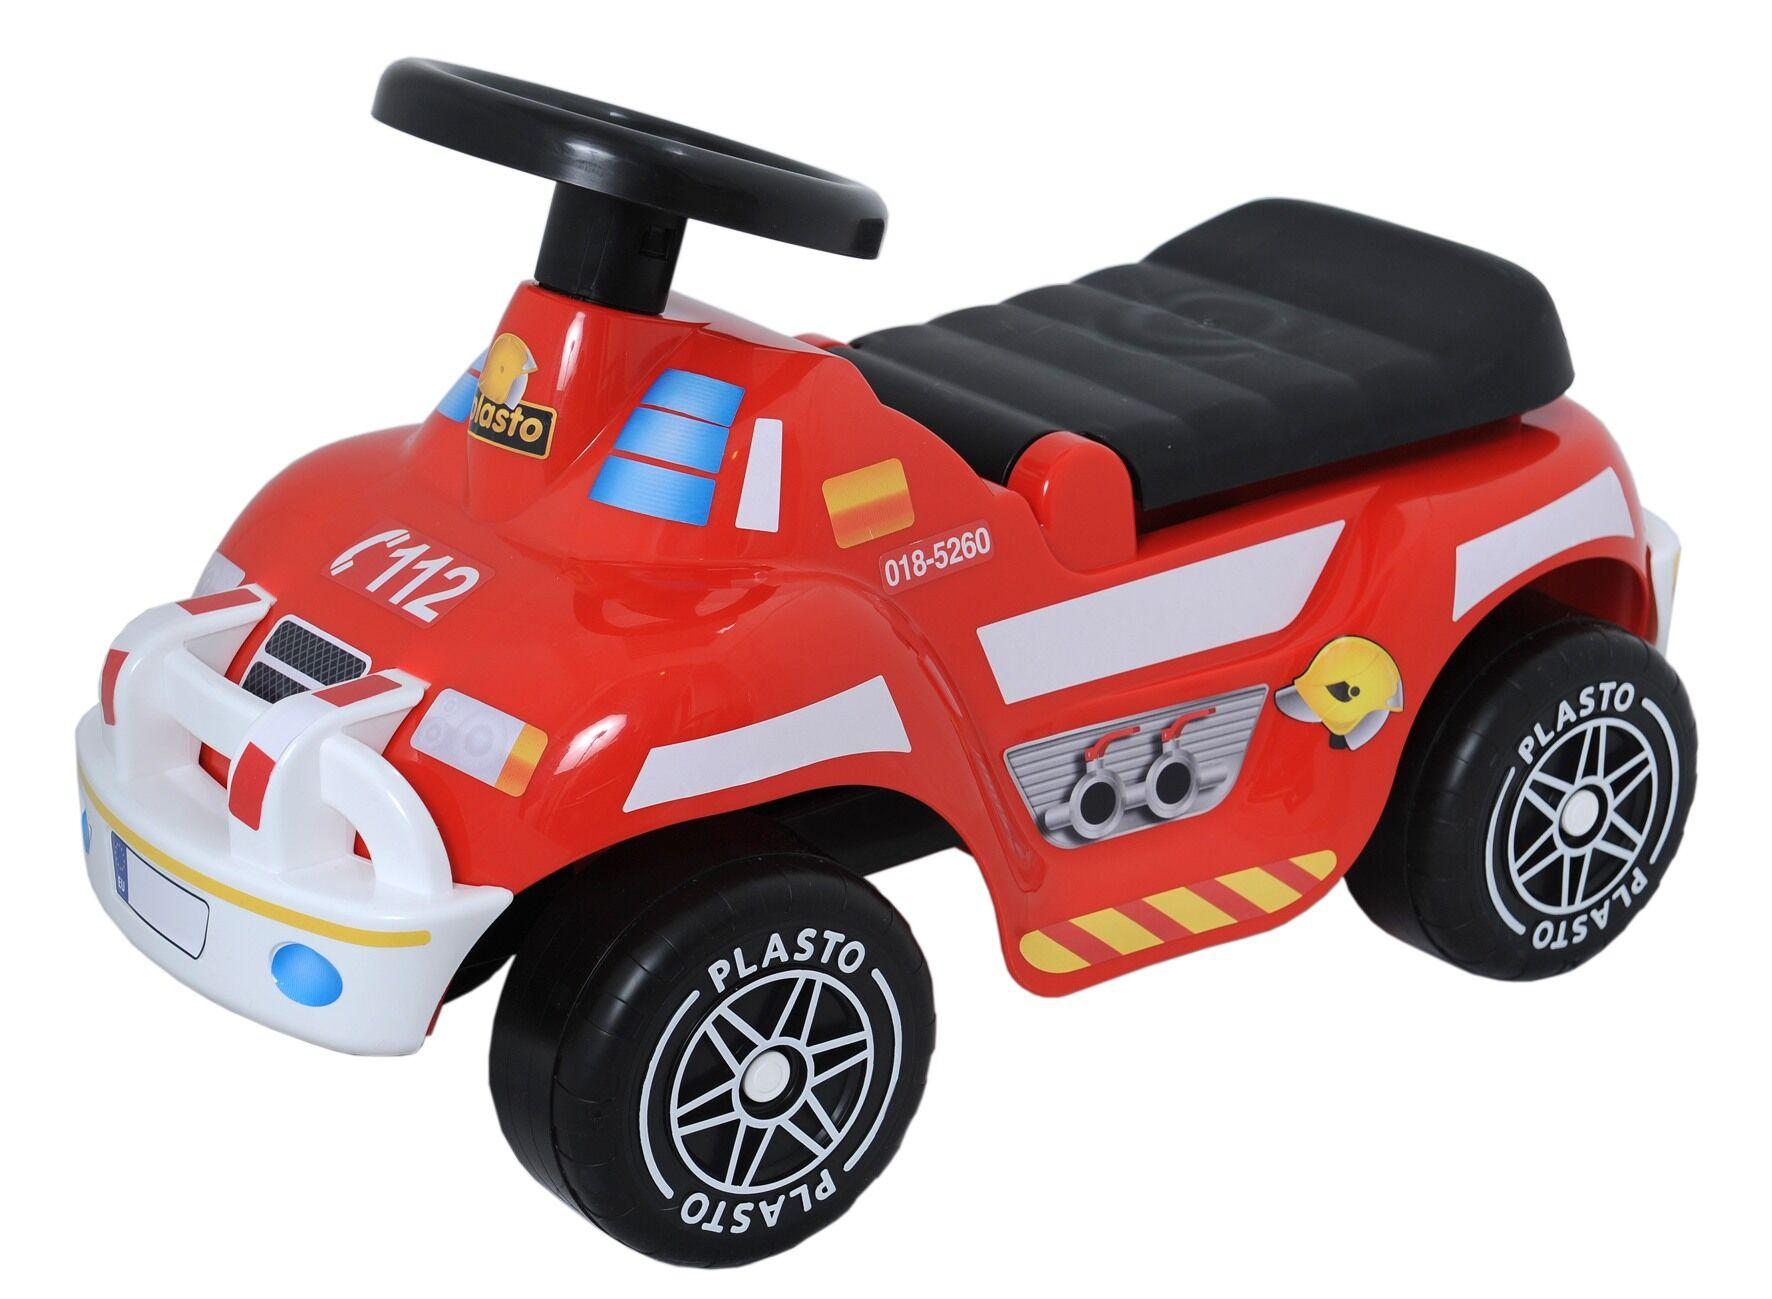 Plasto Offroad paloauto potkuauto hiljaisilla pyörillä